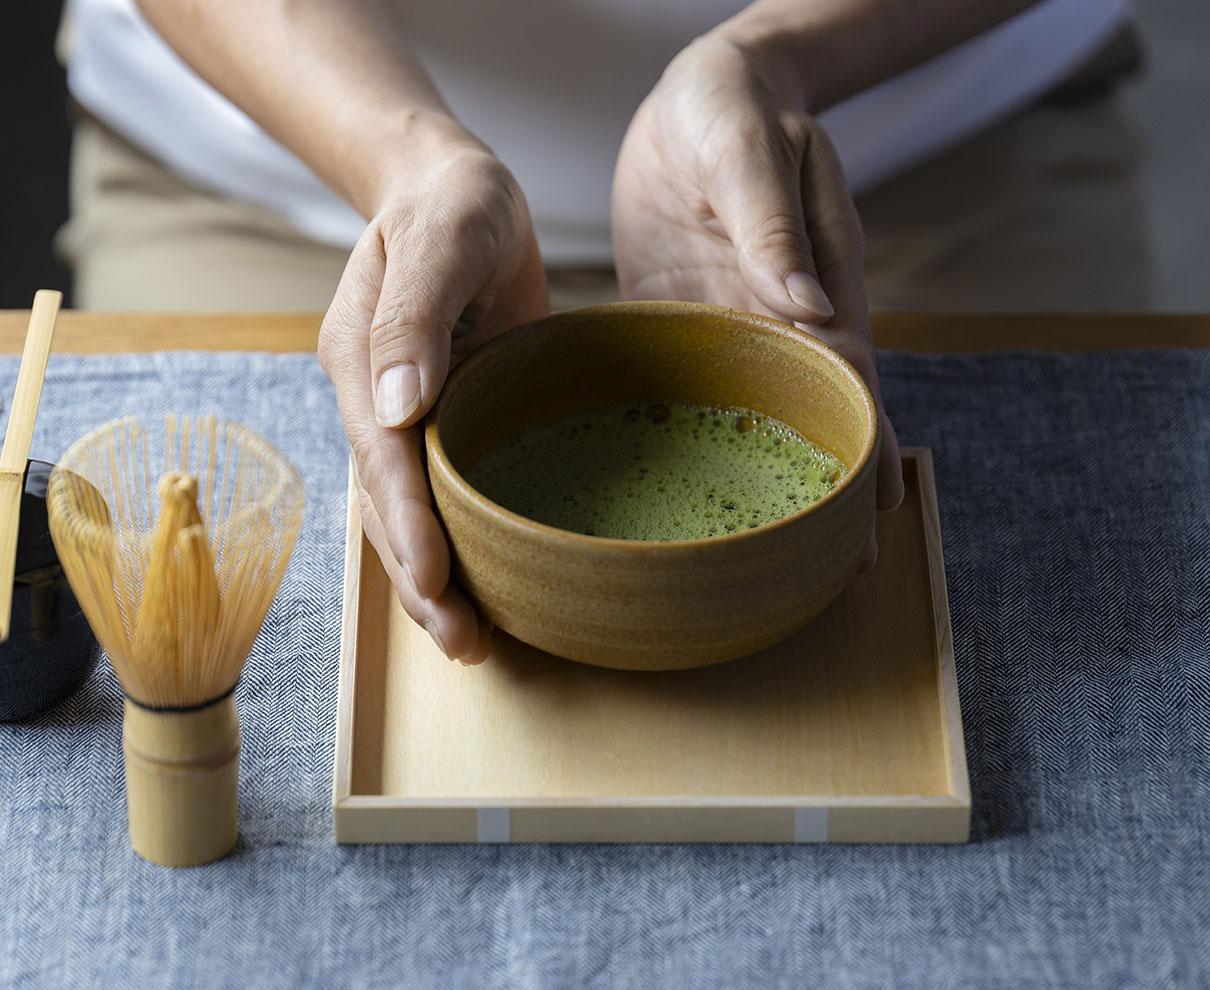 日用品として使いたい、持ち運びできる茶道具セット「Ippukubox」。抹茶のある暮らしをライトに始めよう。